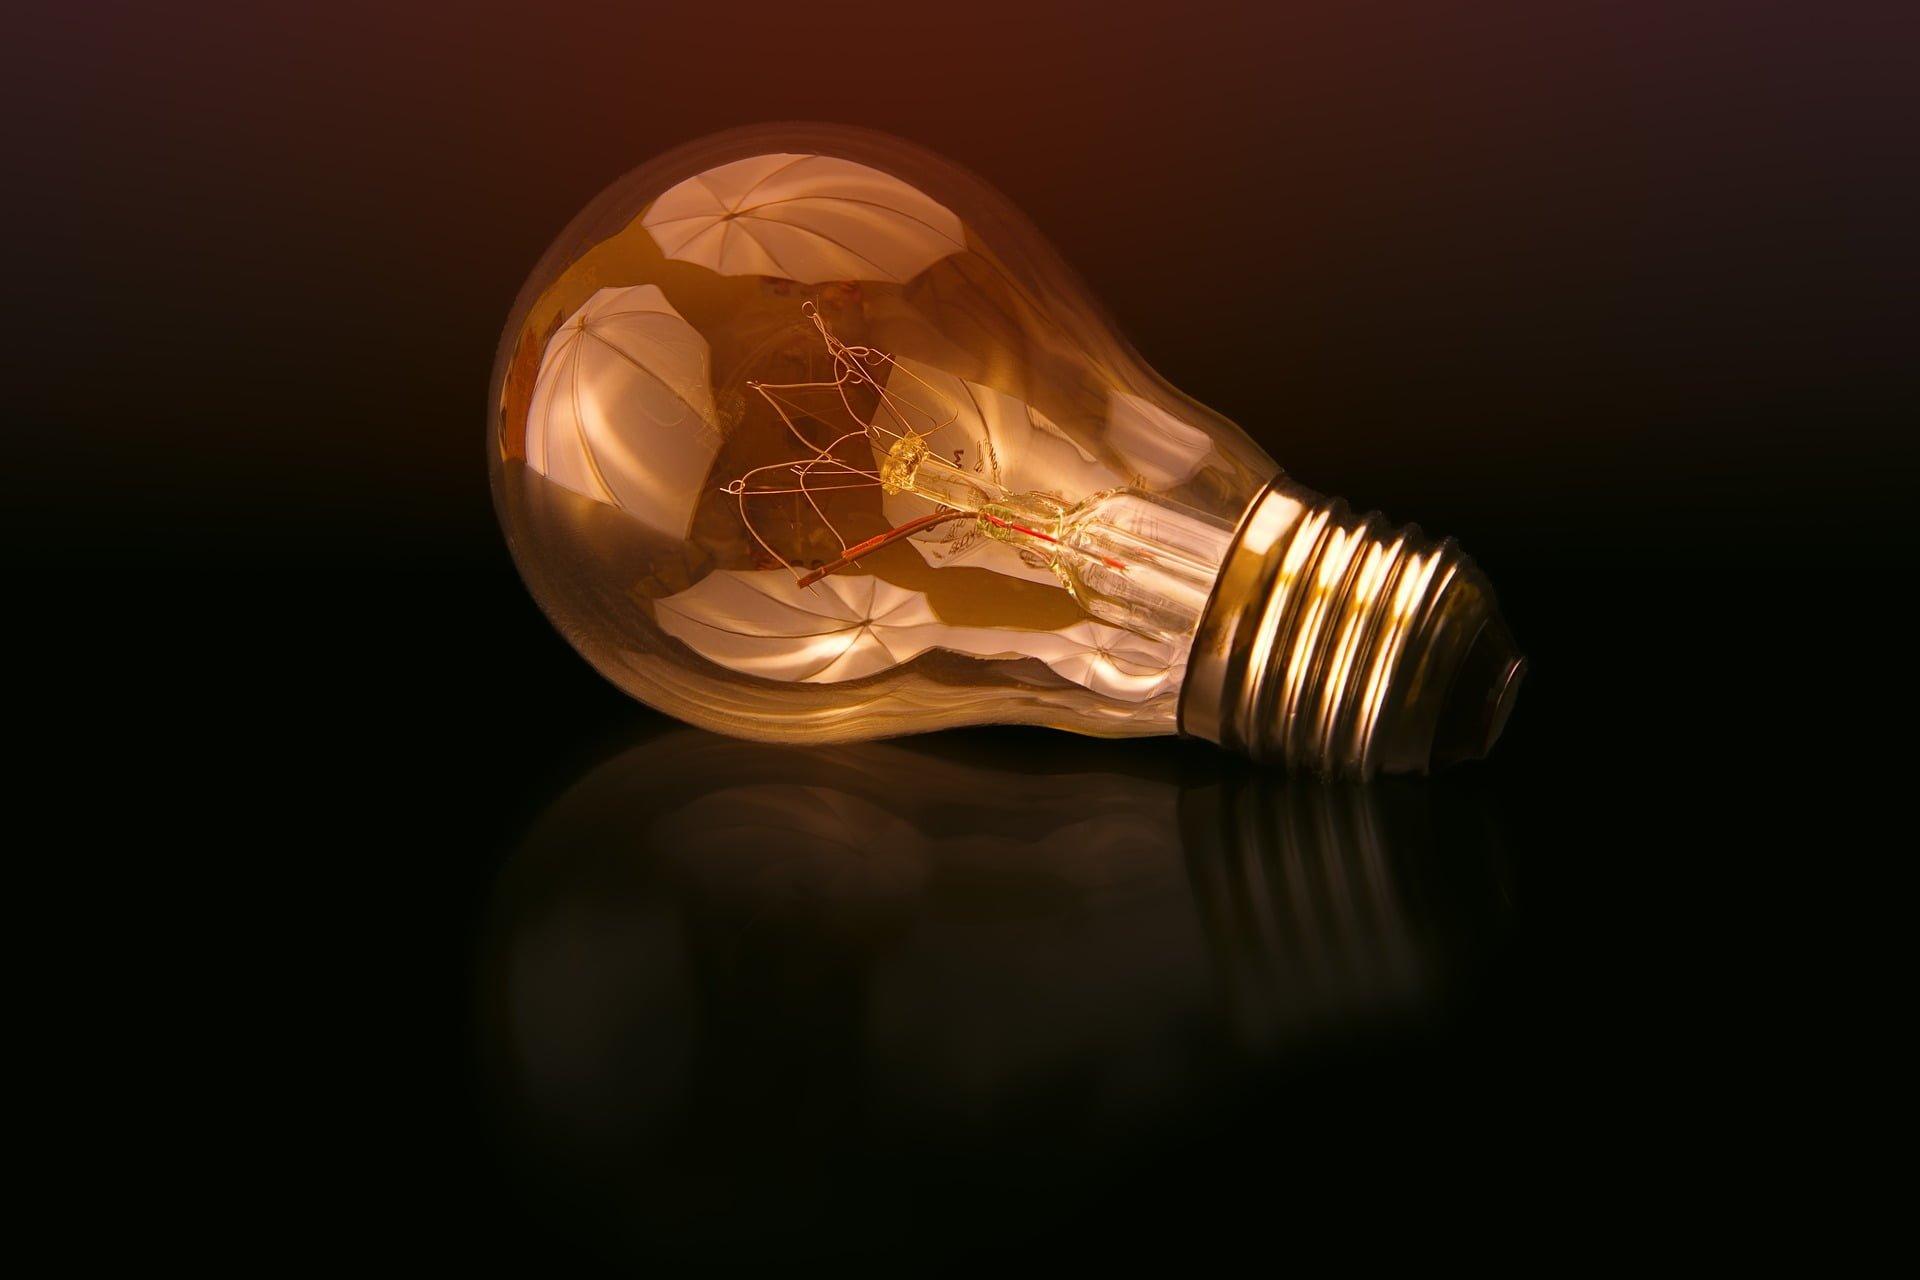 Rekompensata za droższy prąd? Rząd chce nam zwrócić koszt nadwyżki